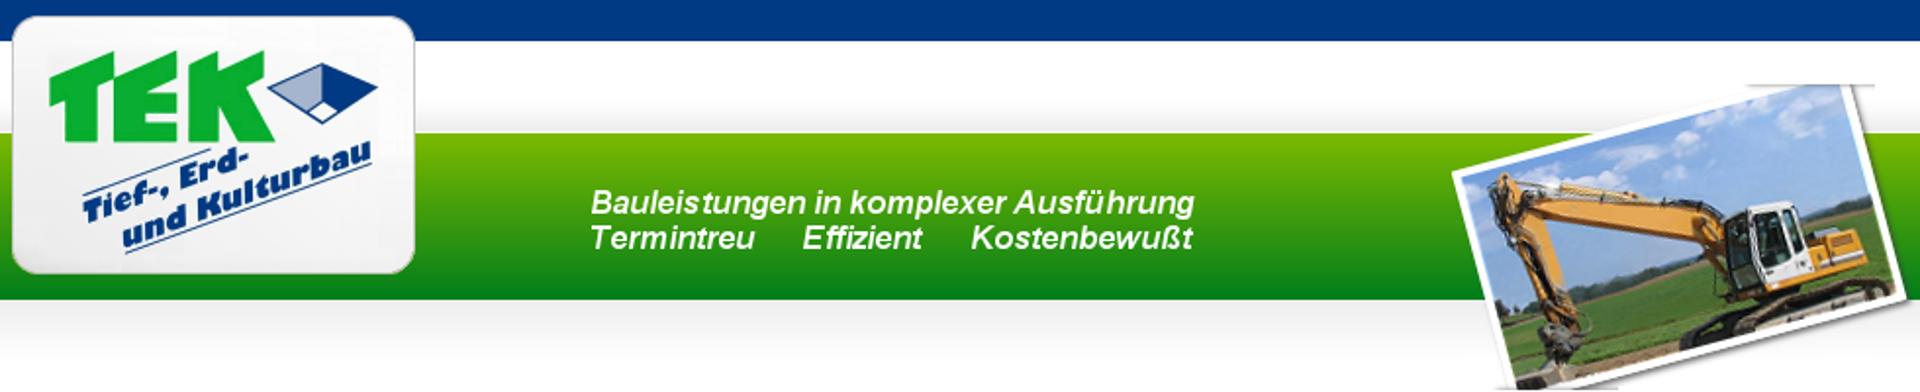 TEK - Tief-, Erd- und Kulturbau GmbH Rostock